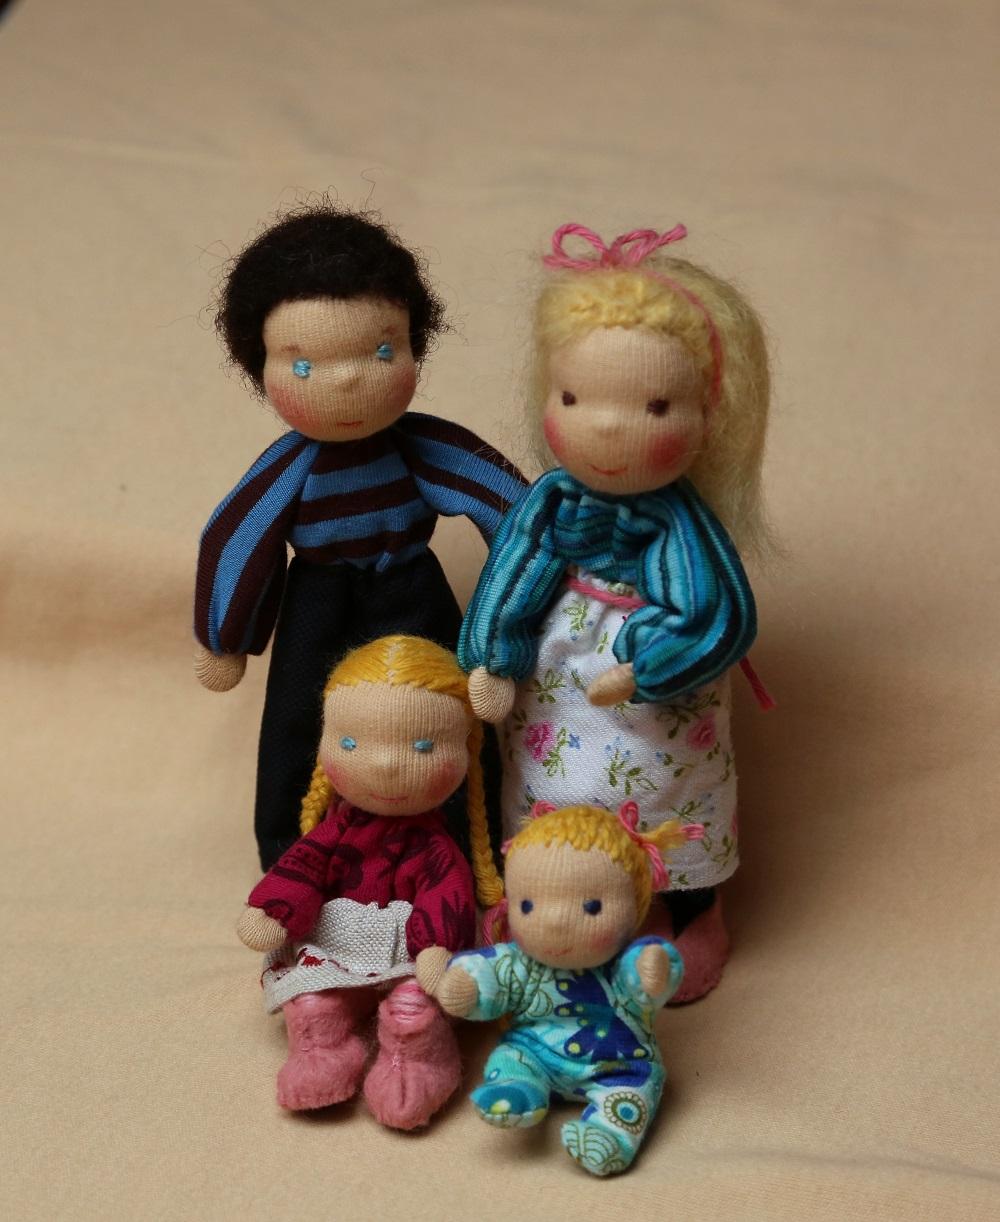 Rodina do domečku na hraní, ekopanenky, panenky s duší